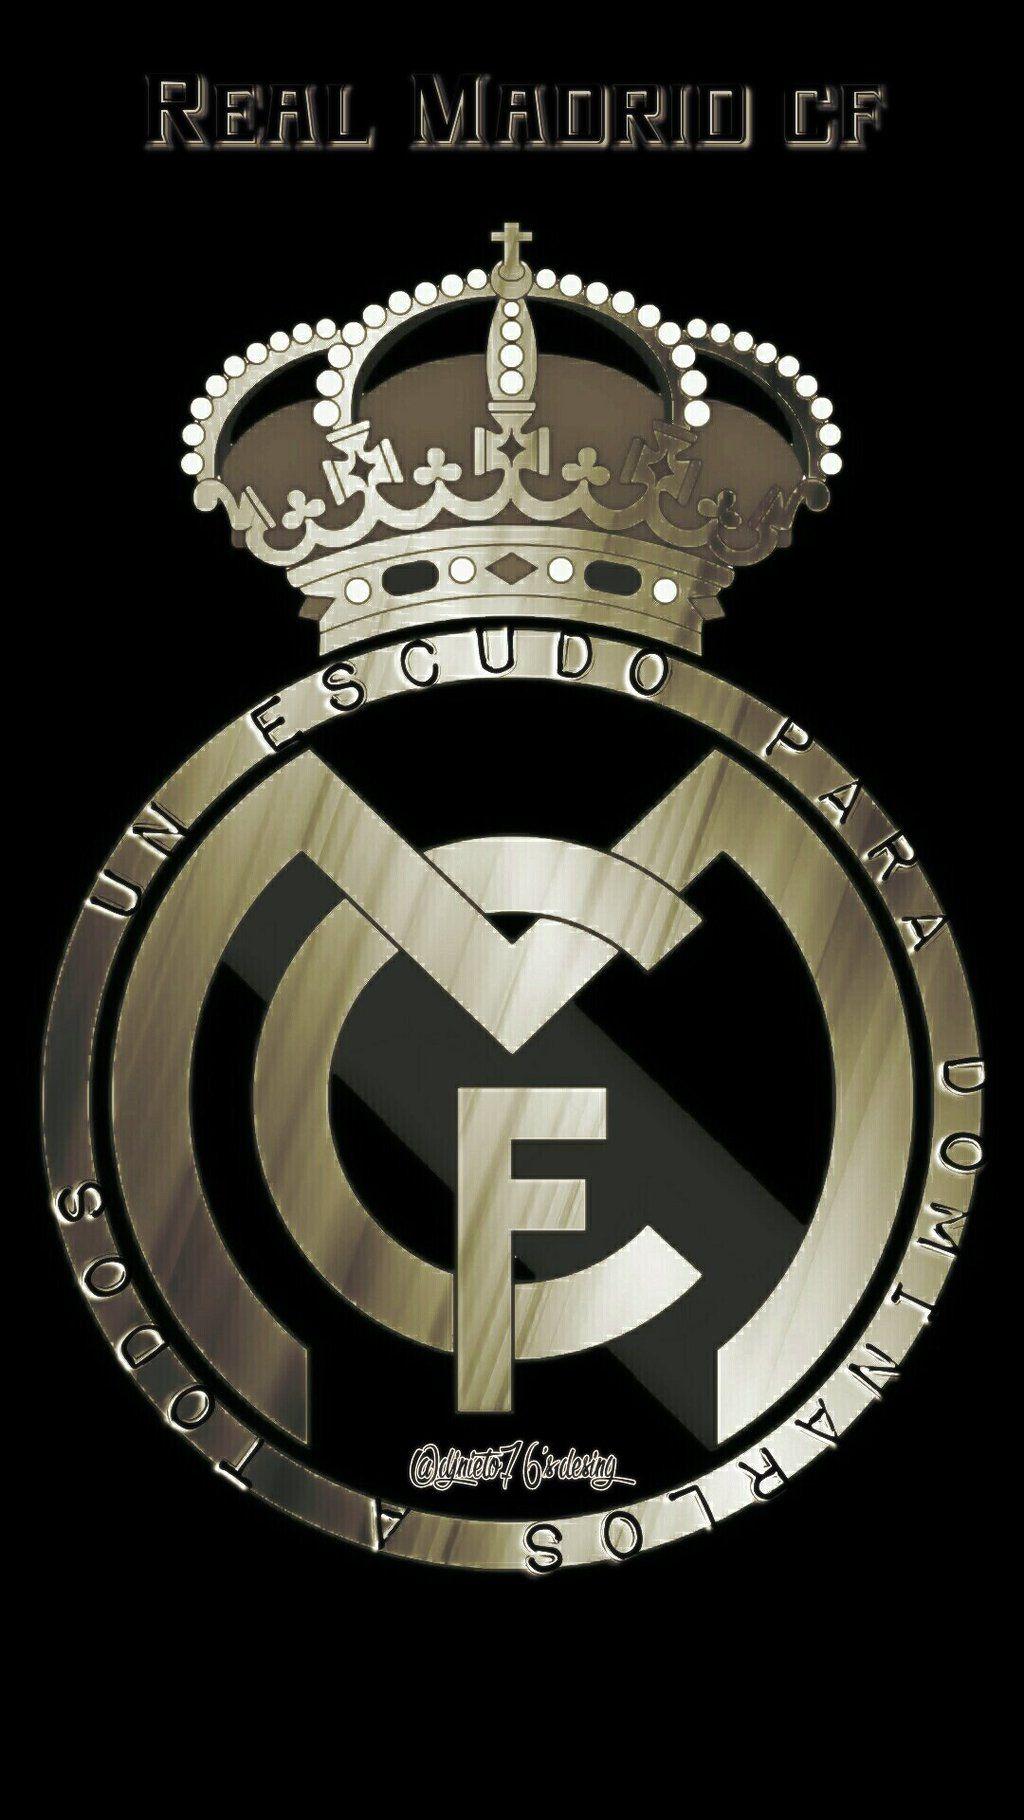 Pin De Luna Em Real Madrid Papeis De Parede Do Real Madrid Futebol Real Madrid Real Madrid Futebol Clube